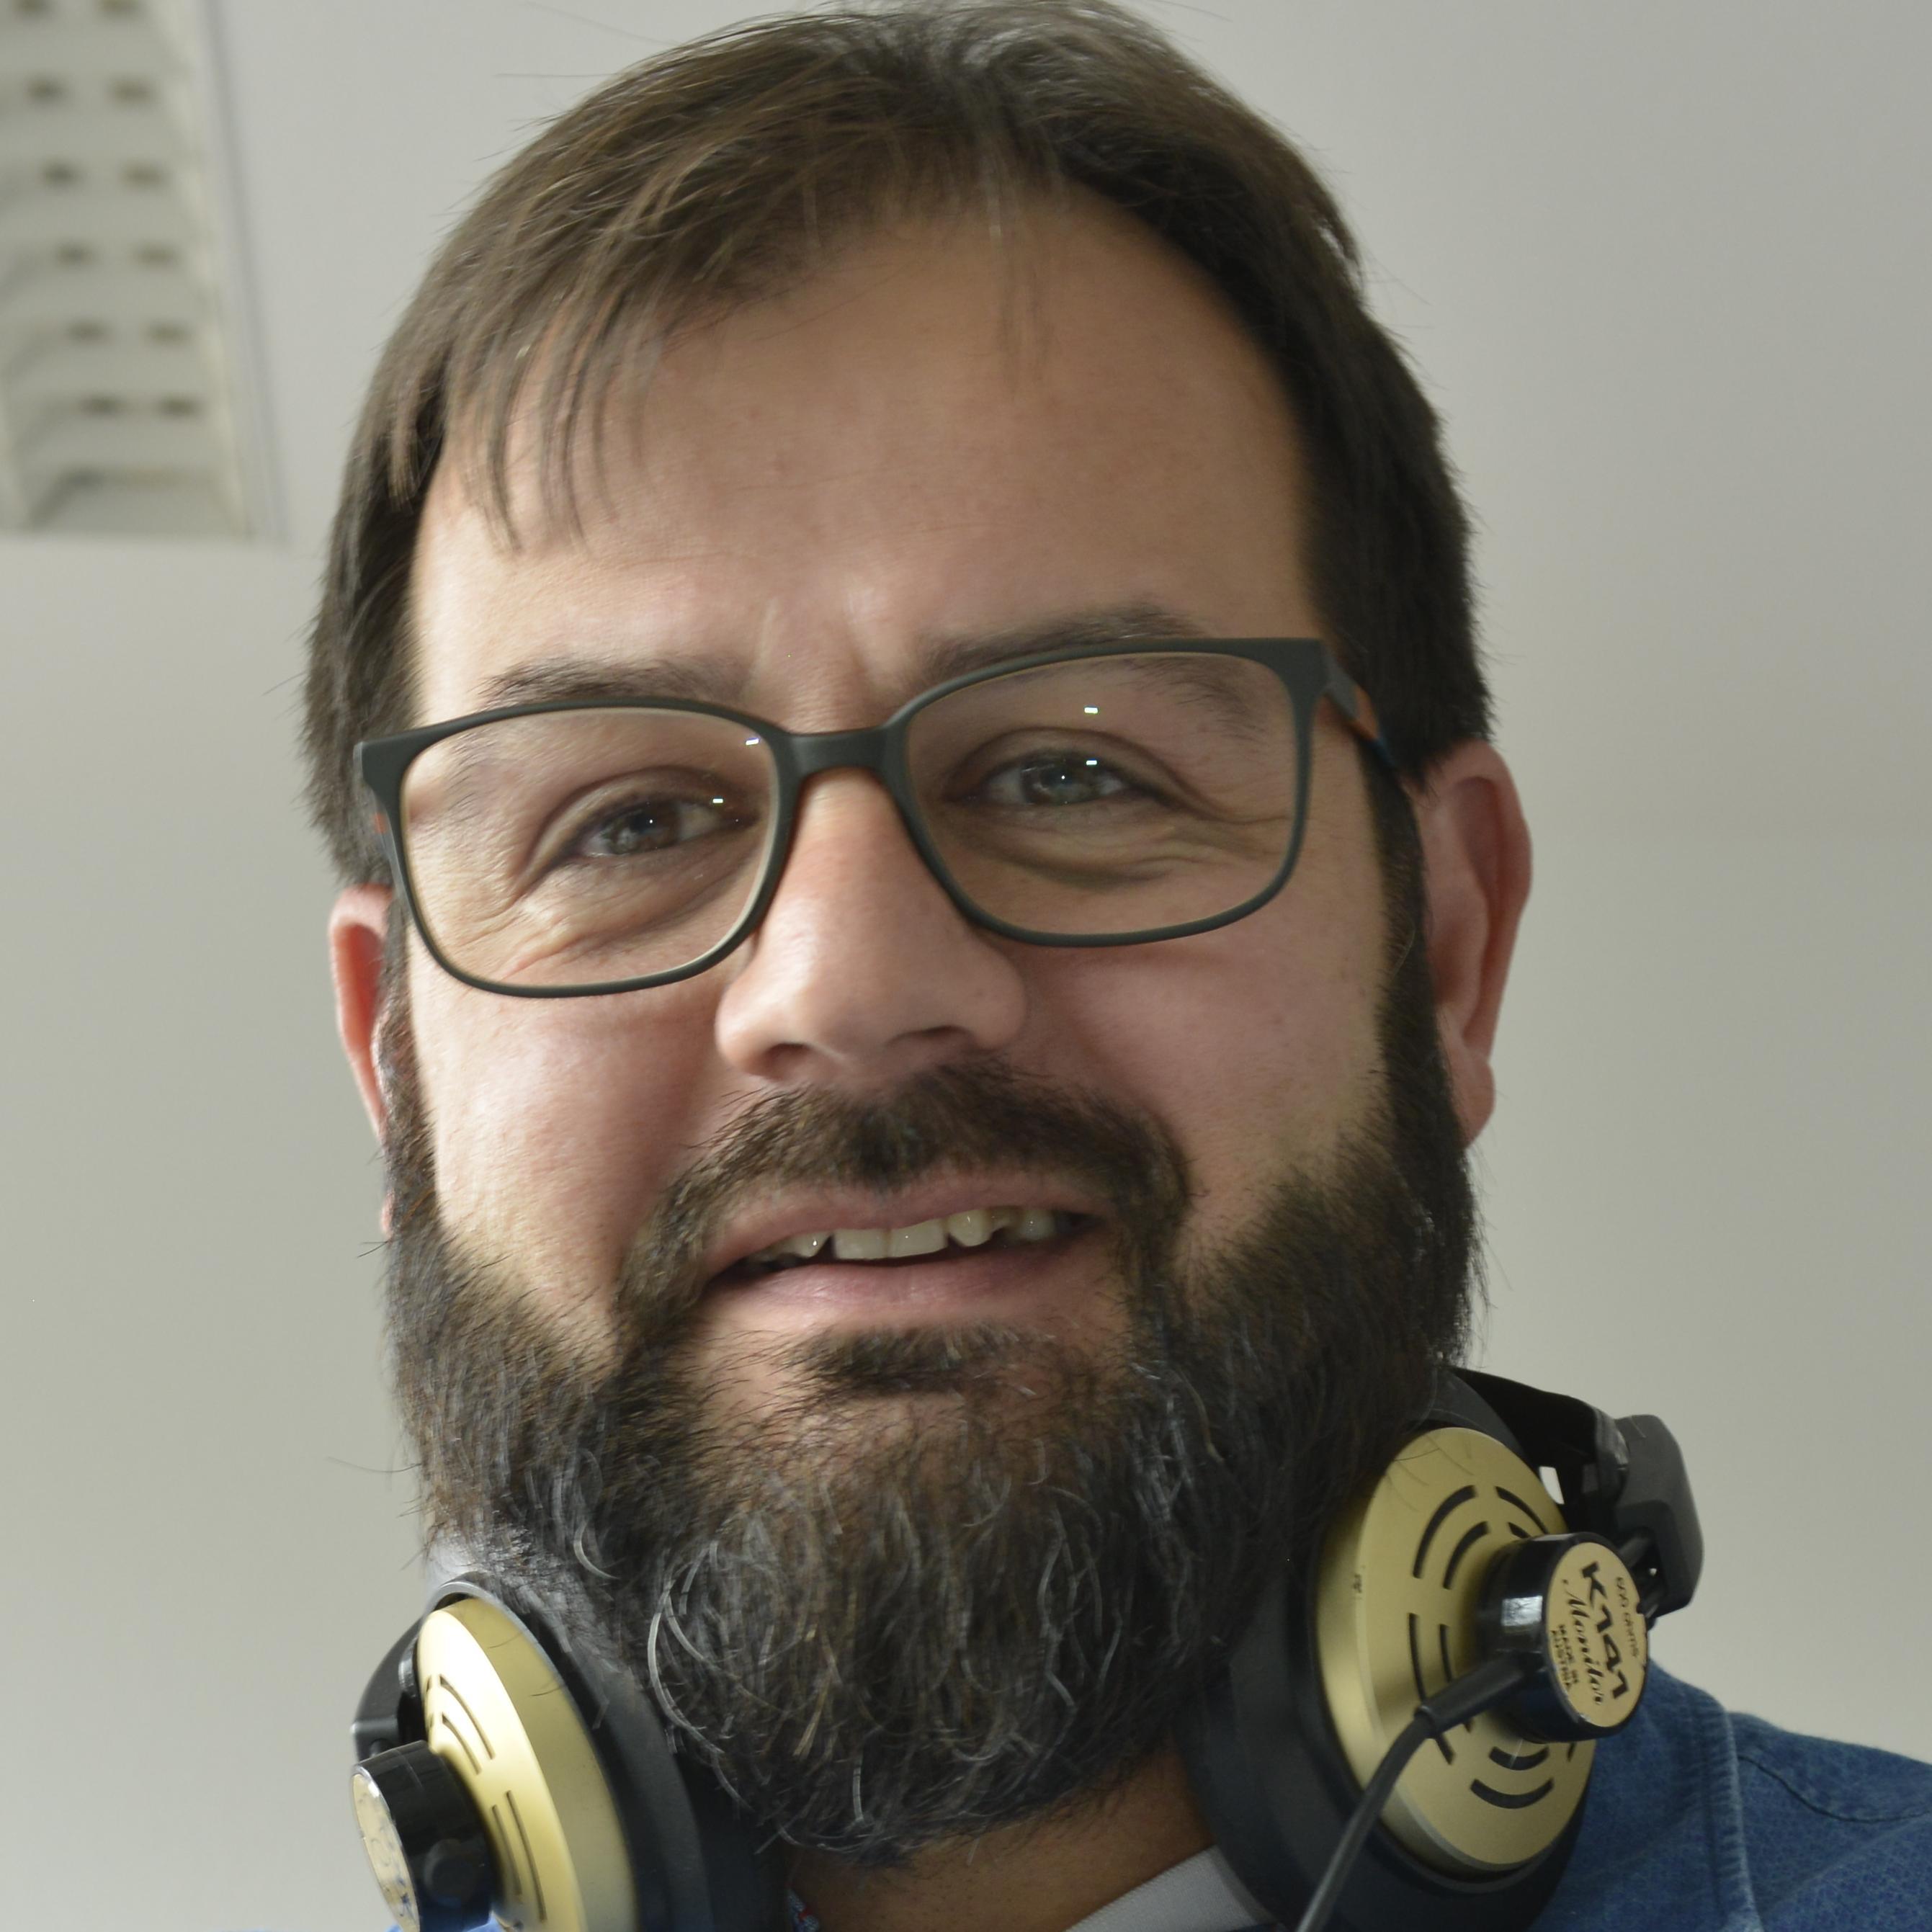 Farsin Behnam